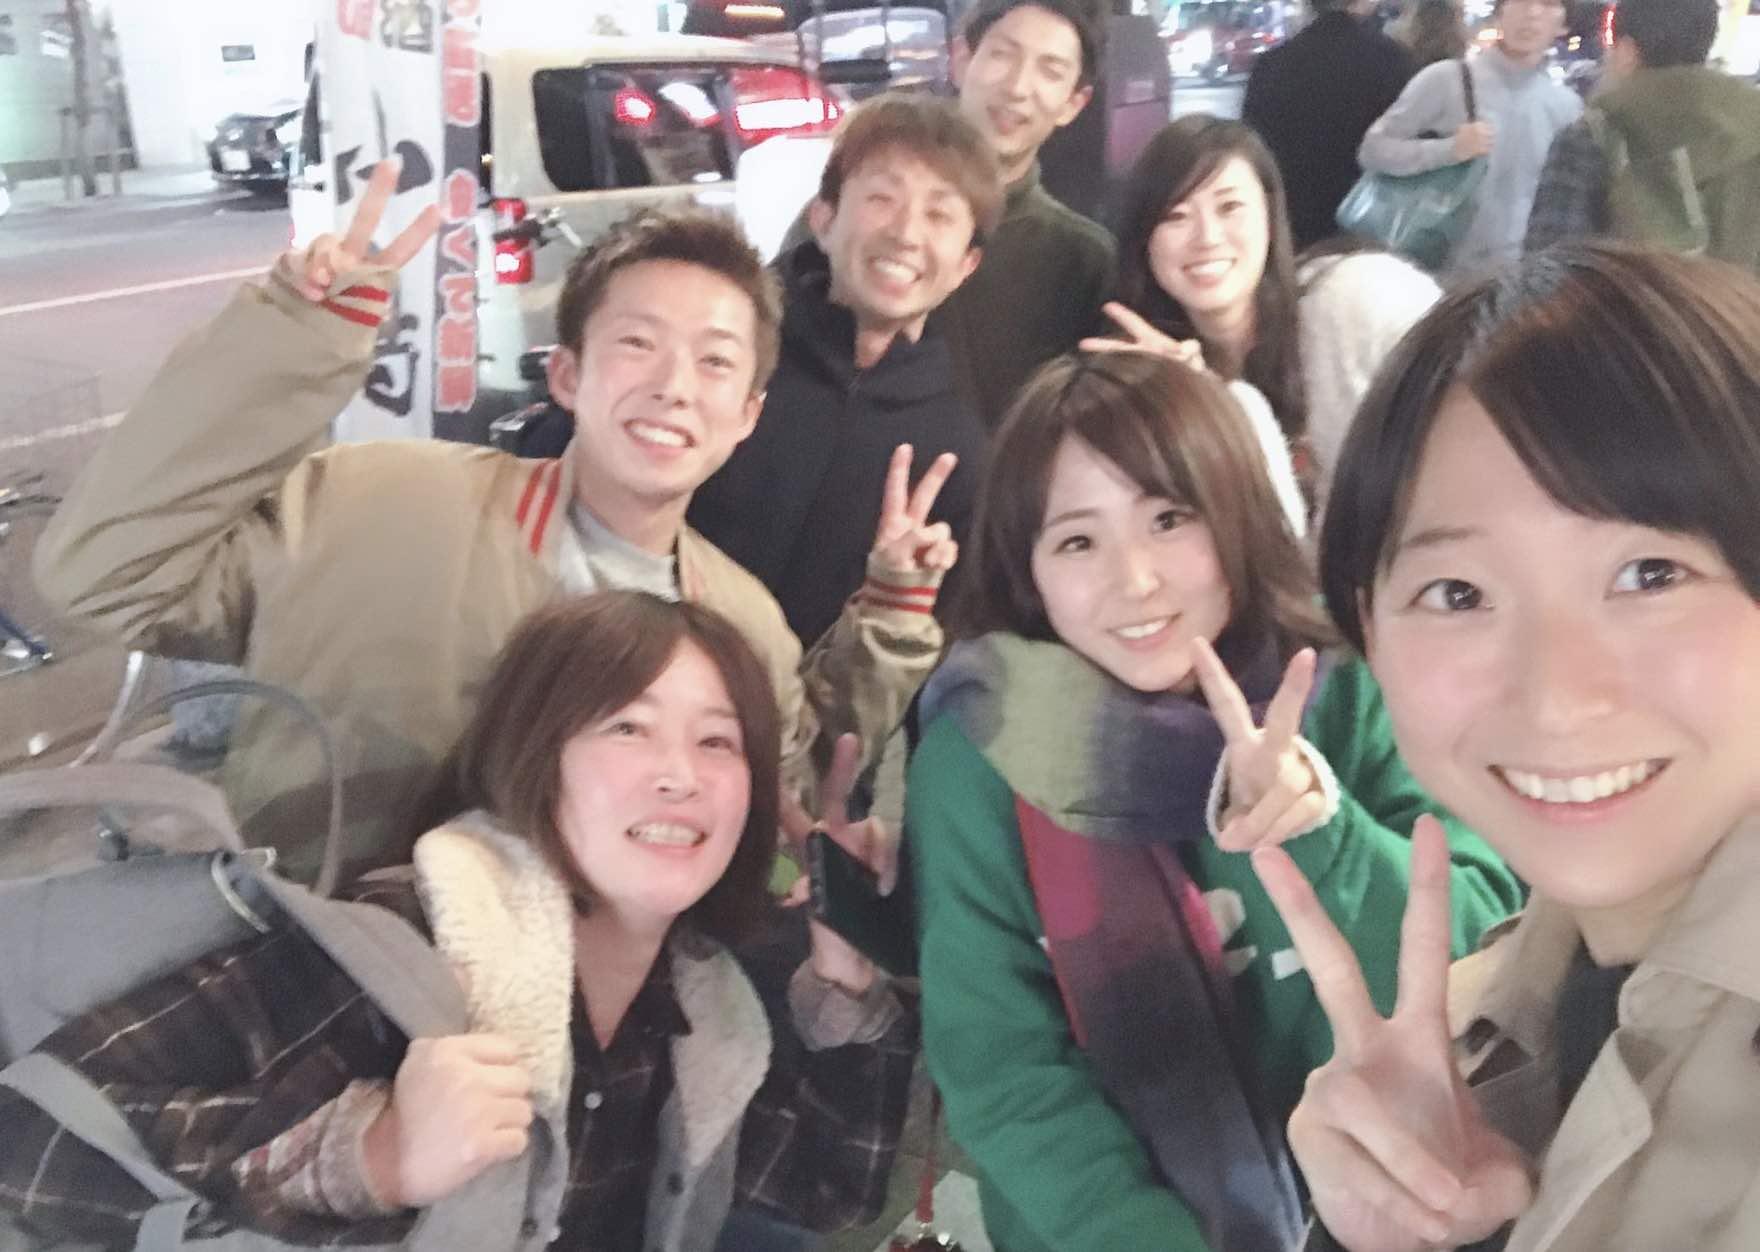 西岡成美競艇選手(ボートレーサー)の無事デビューを祝うレーサー仲間